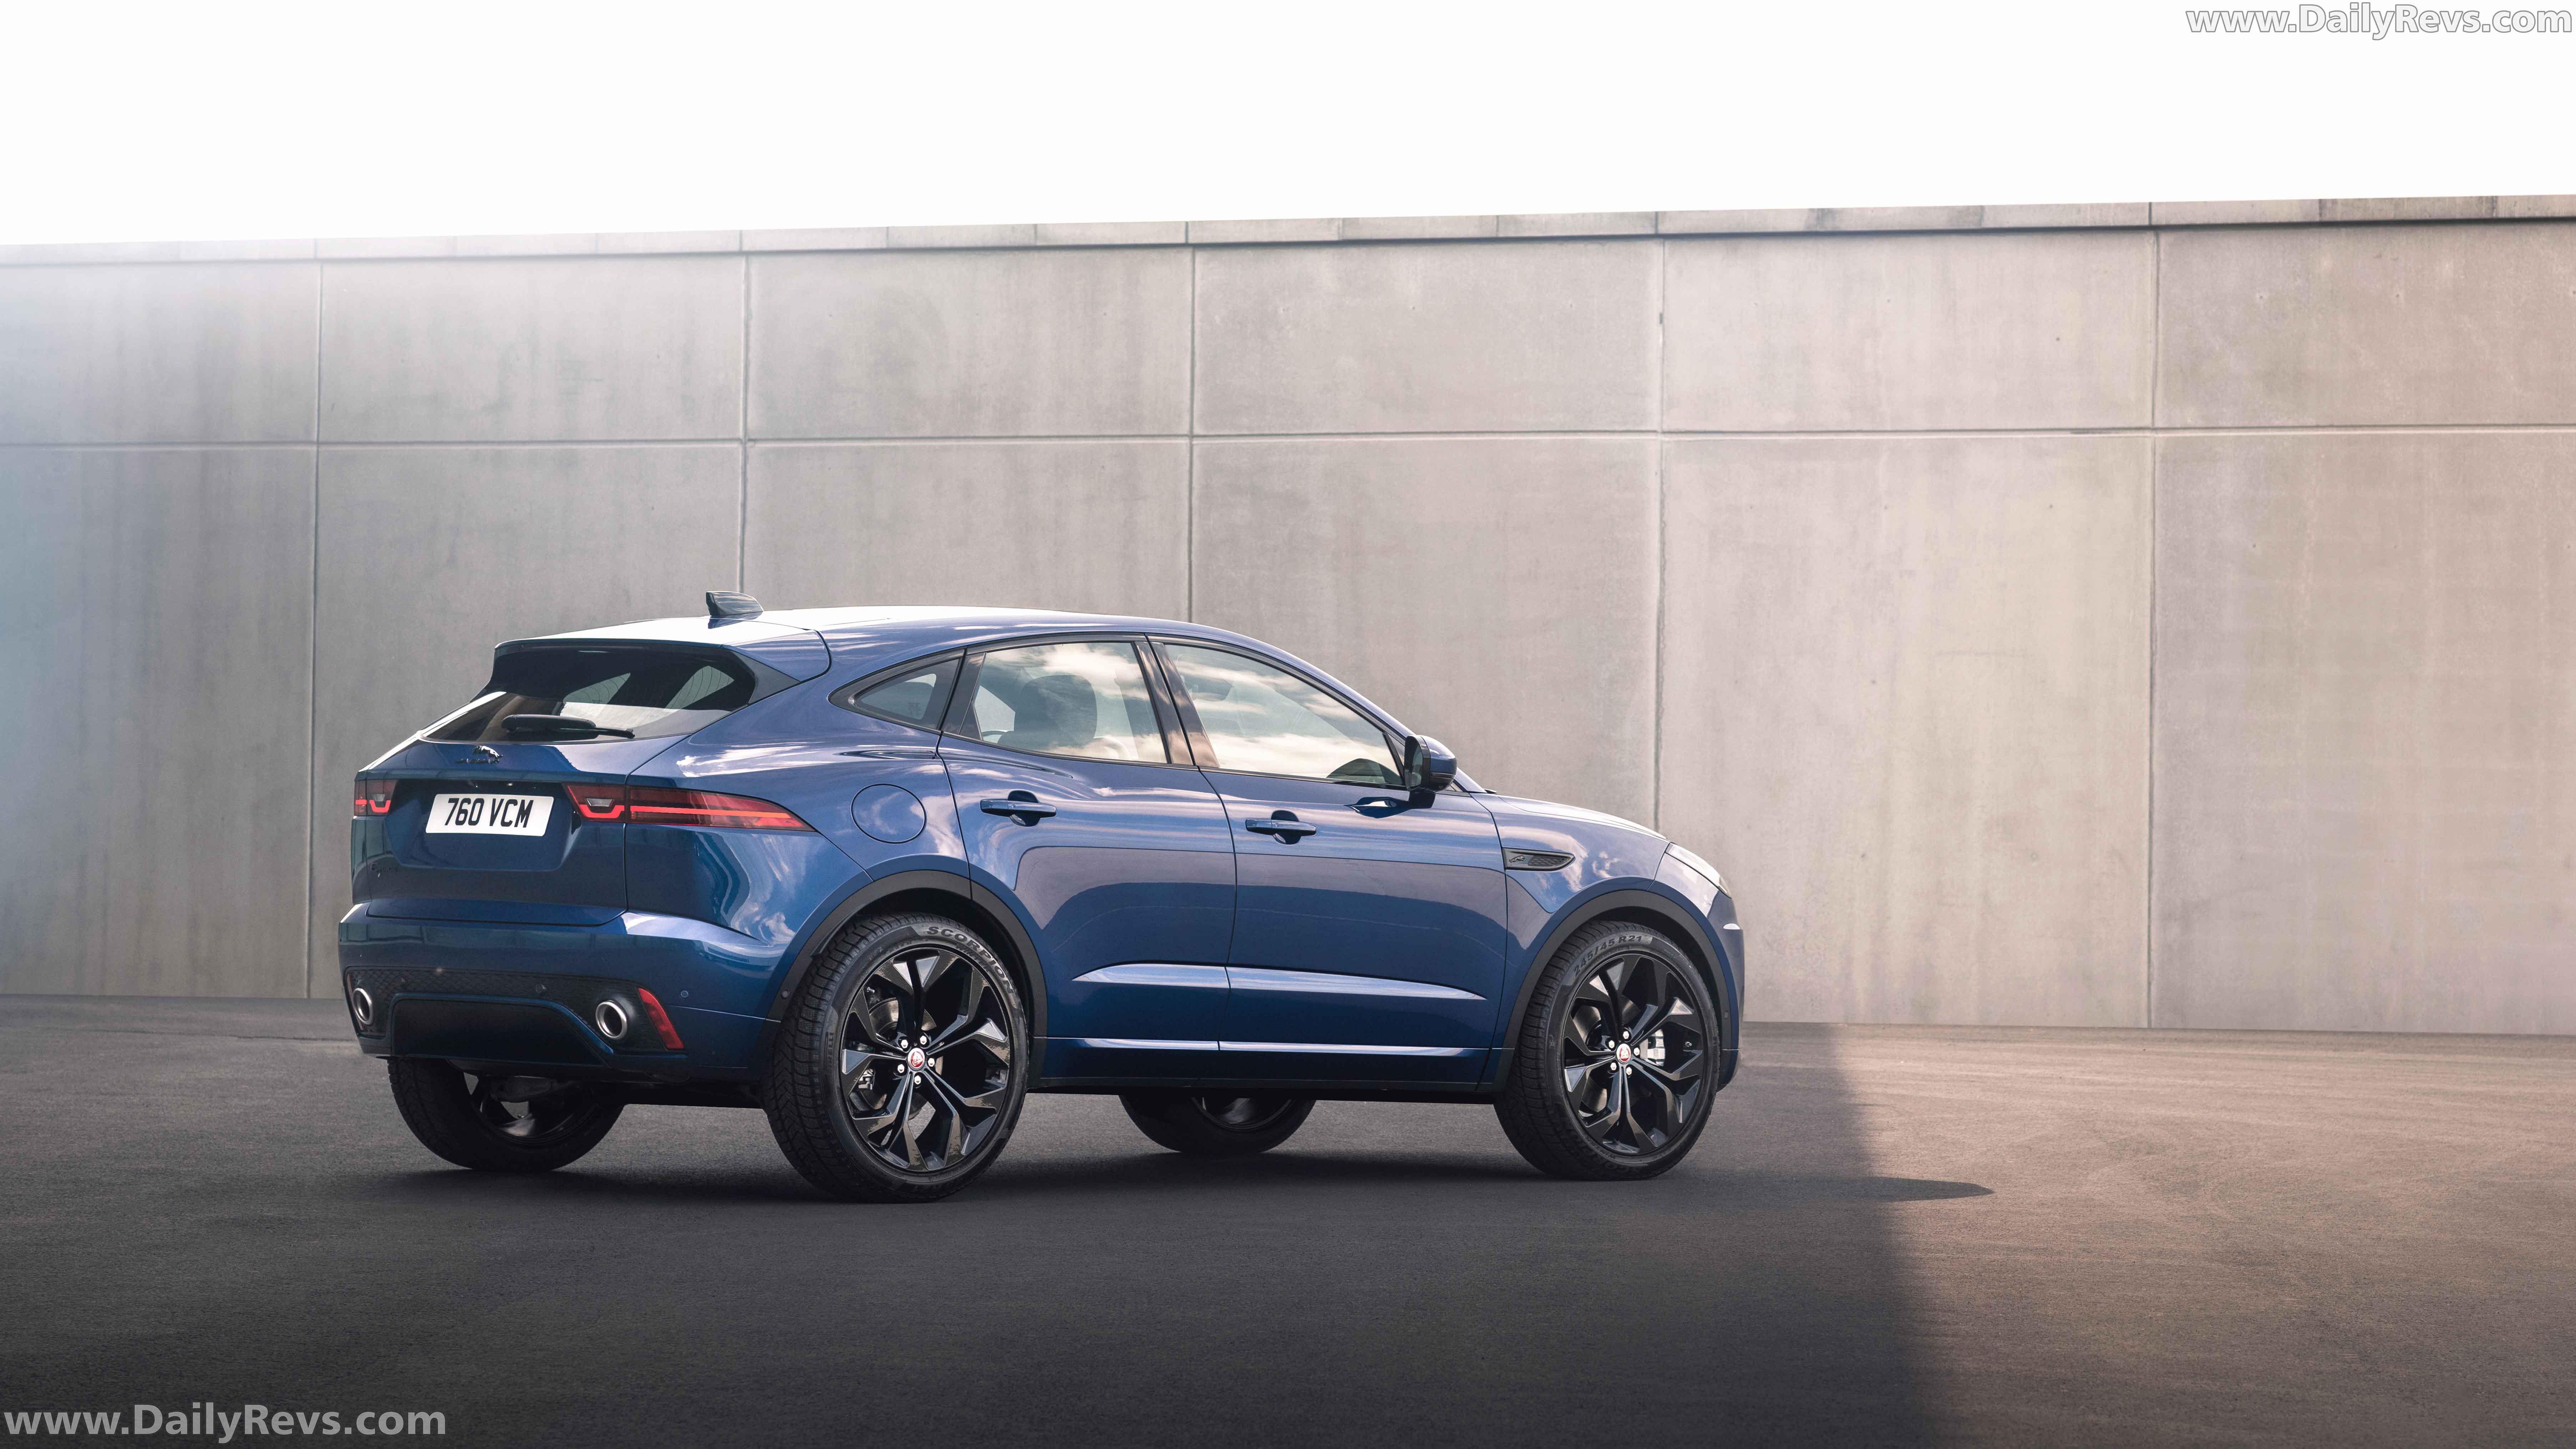 2021 Jaguar E-Pace - Dailyrevs